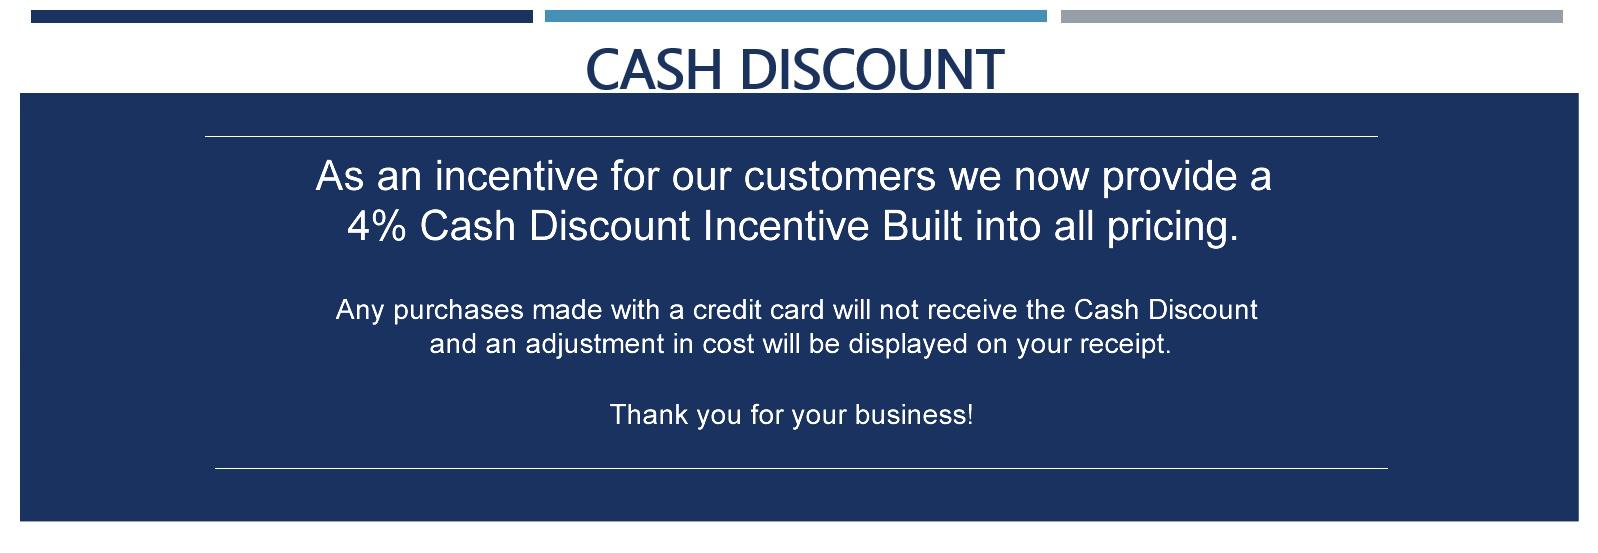 CashDiscount.png